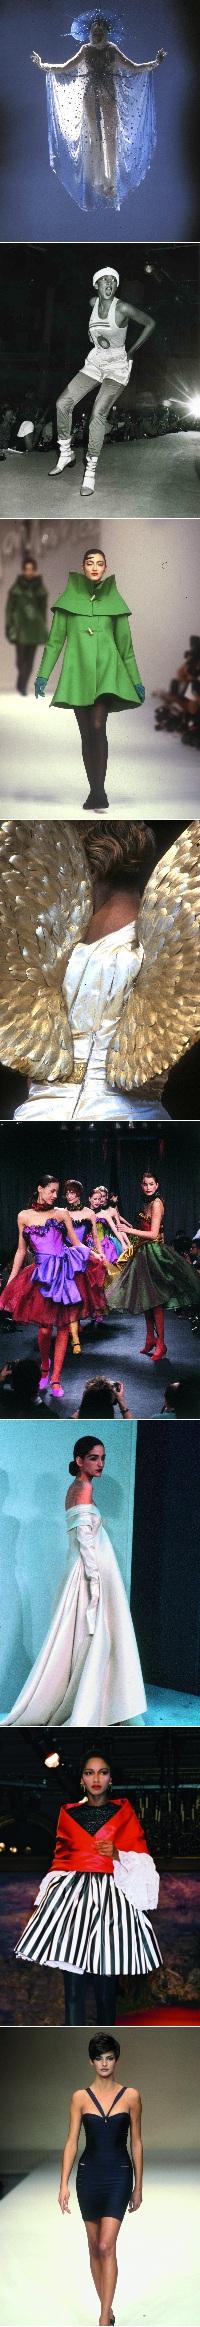 Exposition, une histoire idéale de la mode contemporaine, mode, fashion, défilé, haute-couture, musée des arts décoratifs, jean-paul gaultier, thierry mugler, azzedine alaa, yves saint-laurent